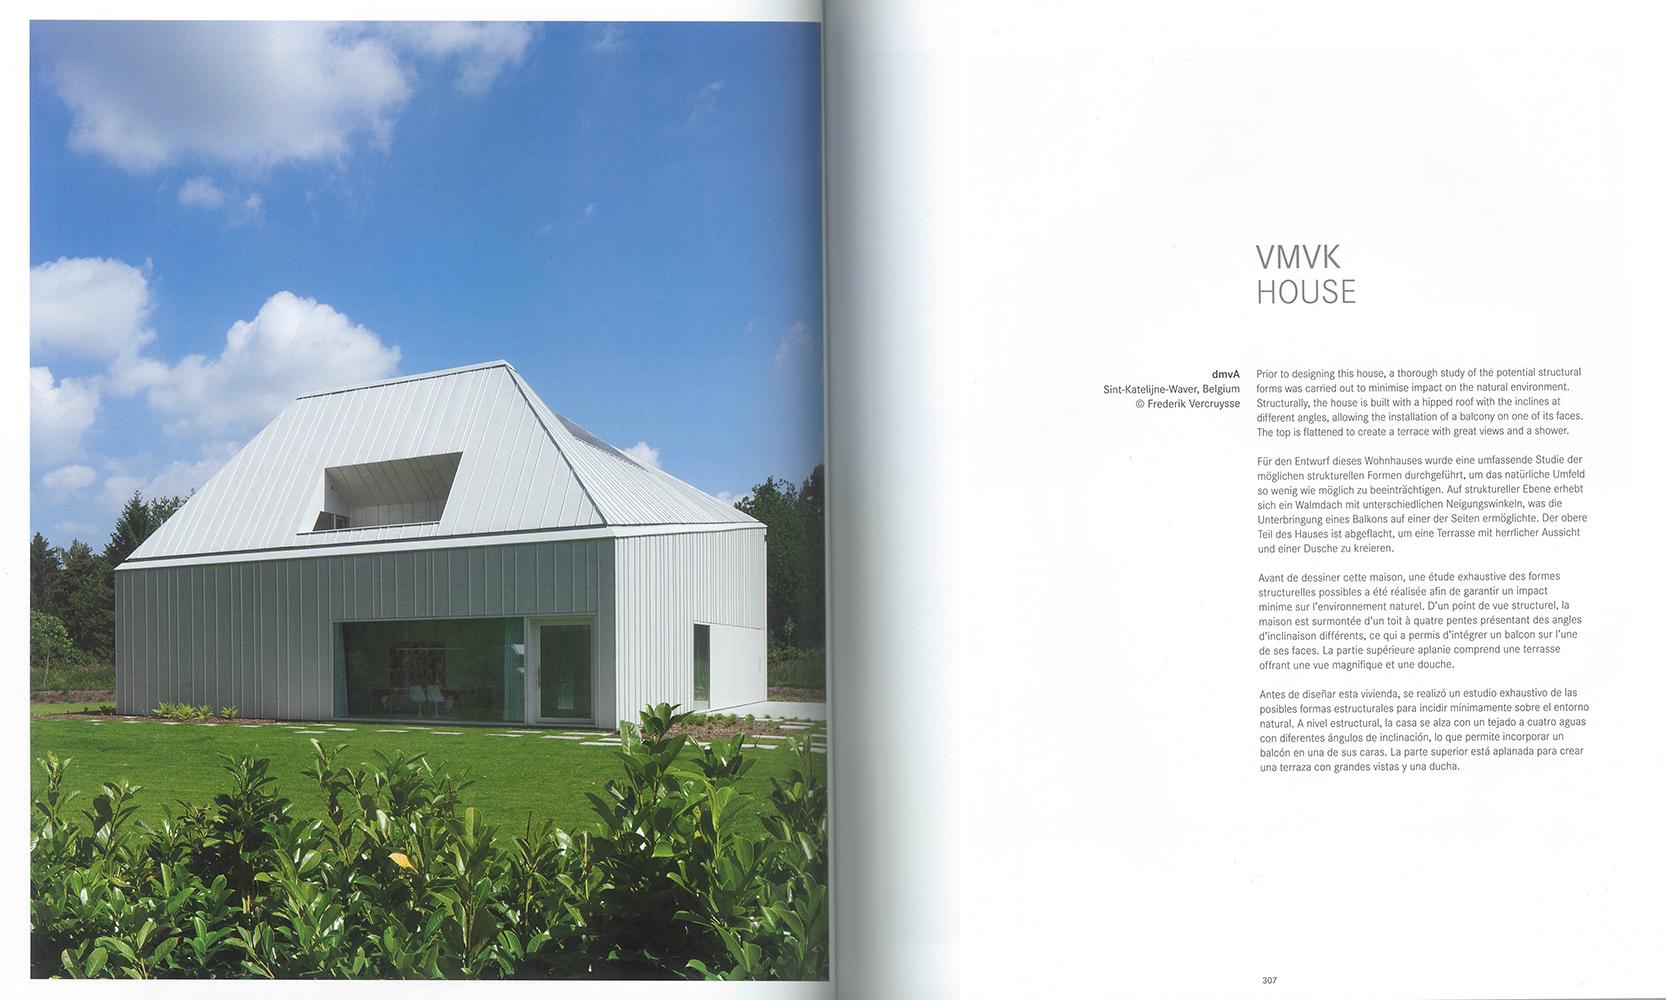 Stunning Houses Dmva